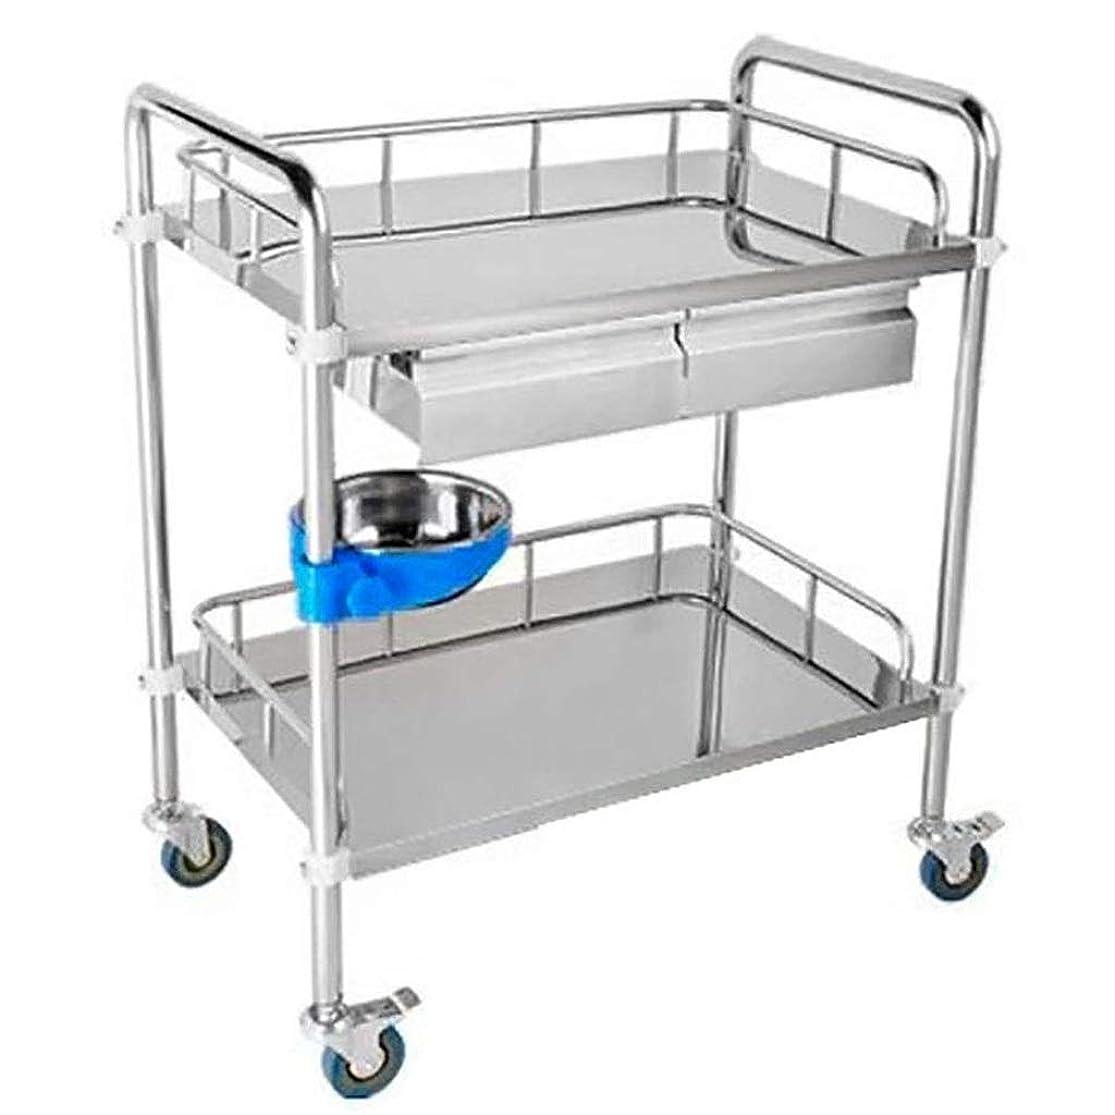 雇用ビスケットダニ実用的な厚いステンレス鋼の貯蔵のカート2の層の棚、スペースを節約するための車輪が付いている美装置車の棚/サービスカート (サイズ さいず : 60*40*86cm)